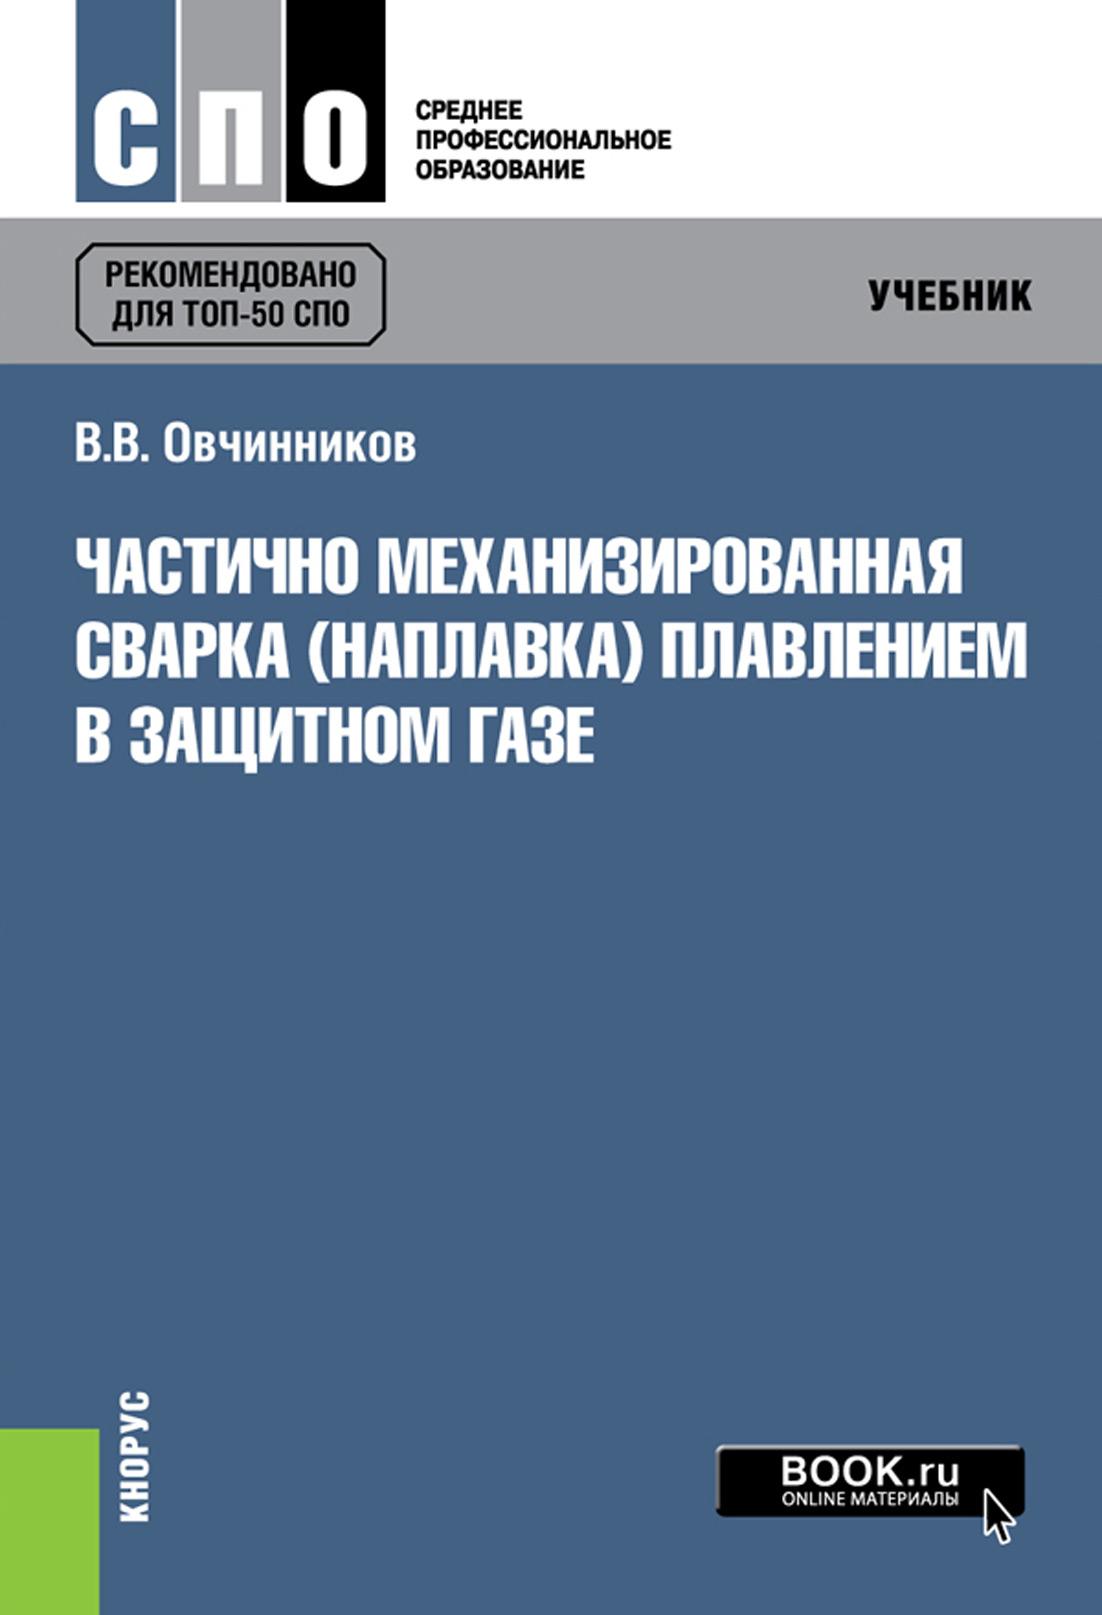 В. В. Овчинников Частично механизированная сварка (наплавка) плавлением в защитном газе